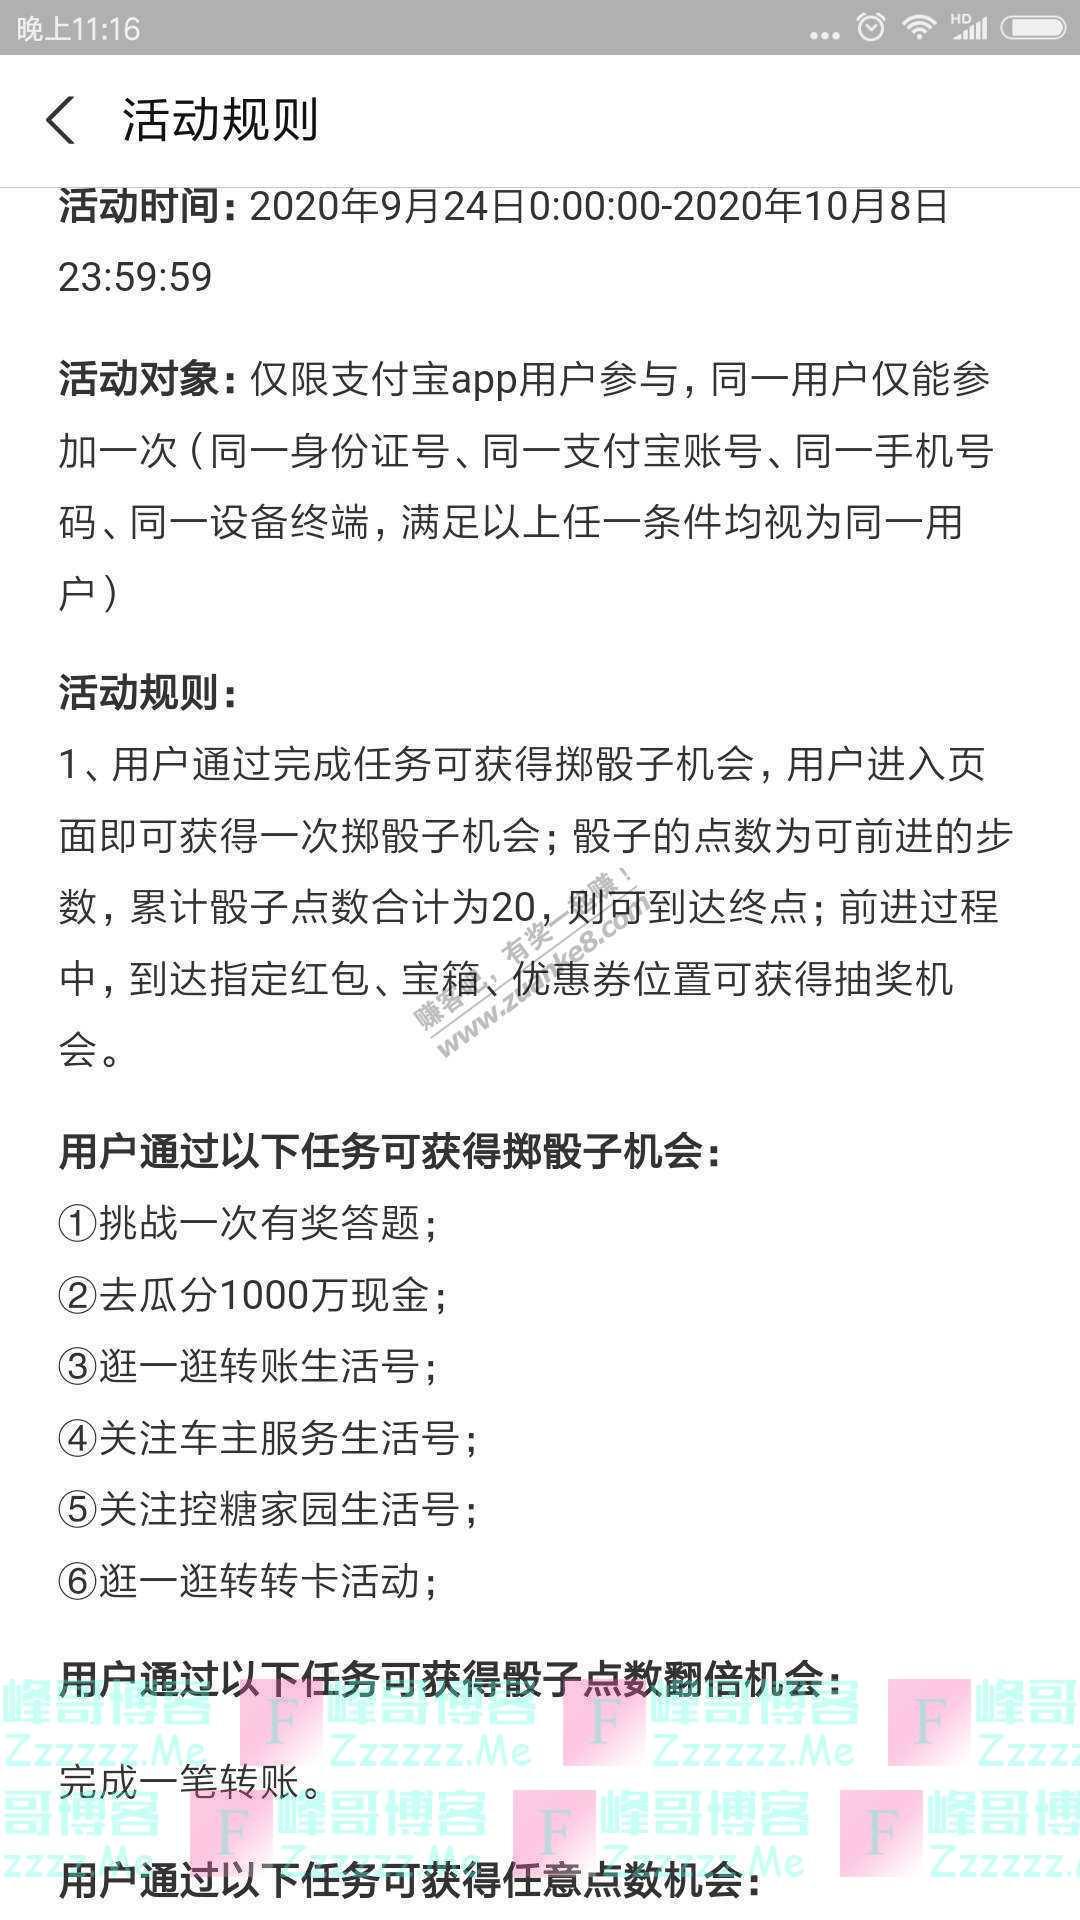 支付宝app中秋国庆合家欢(截止10月8日)